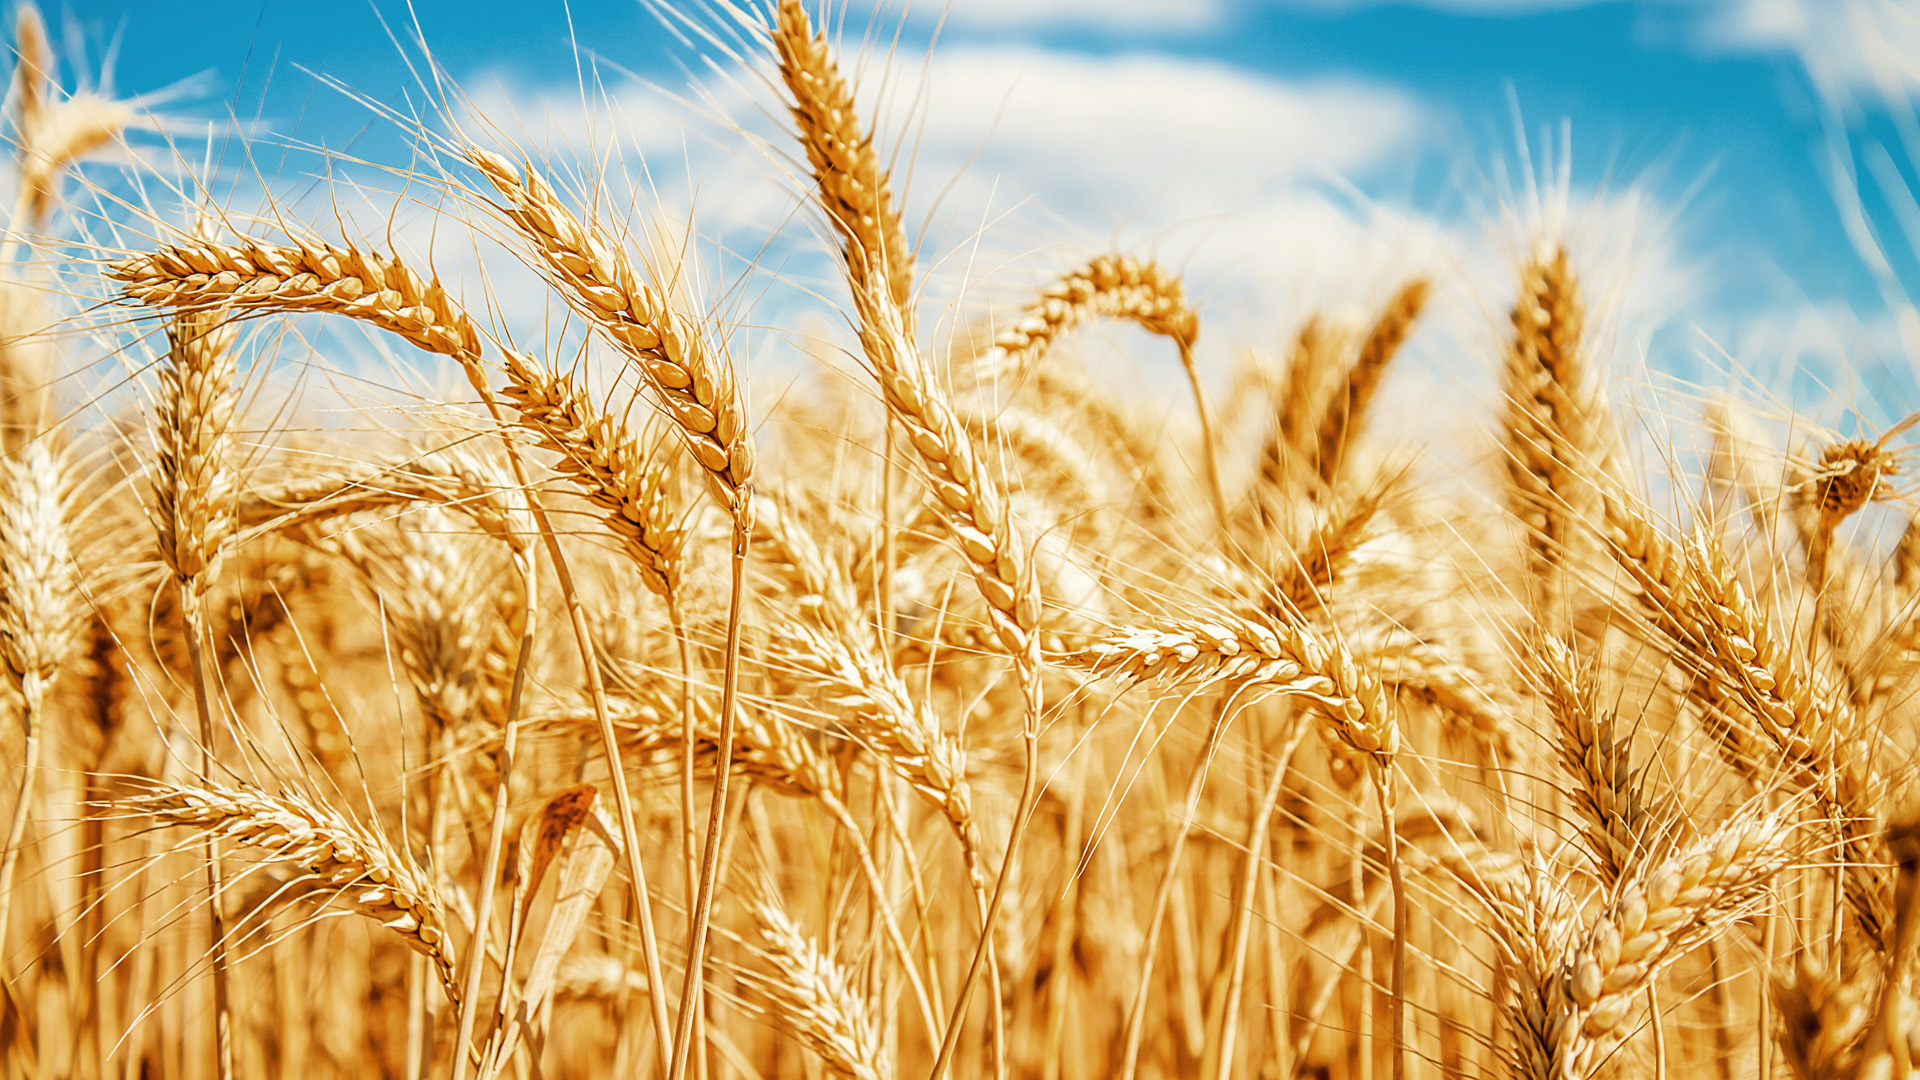 Підписано додаток до Меморандуму про взаєморозуміння, що затвердив граничні обсяги експорту пшениці на 2020/2021 маркетинговий рік